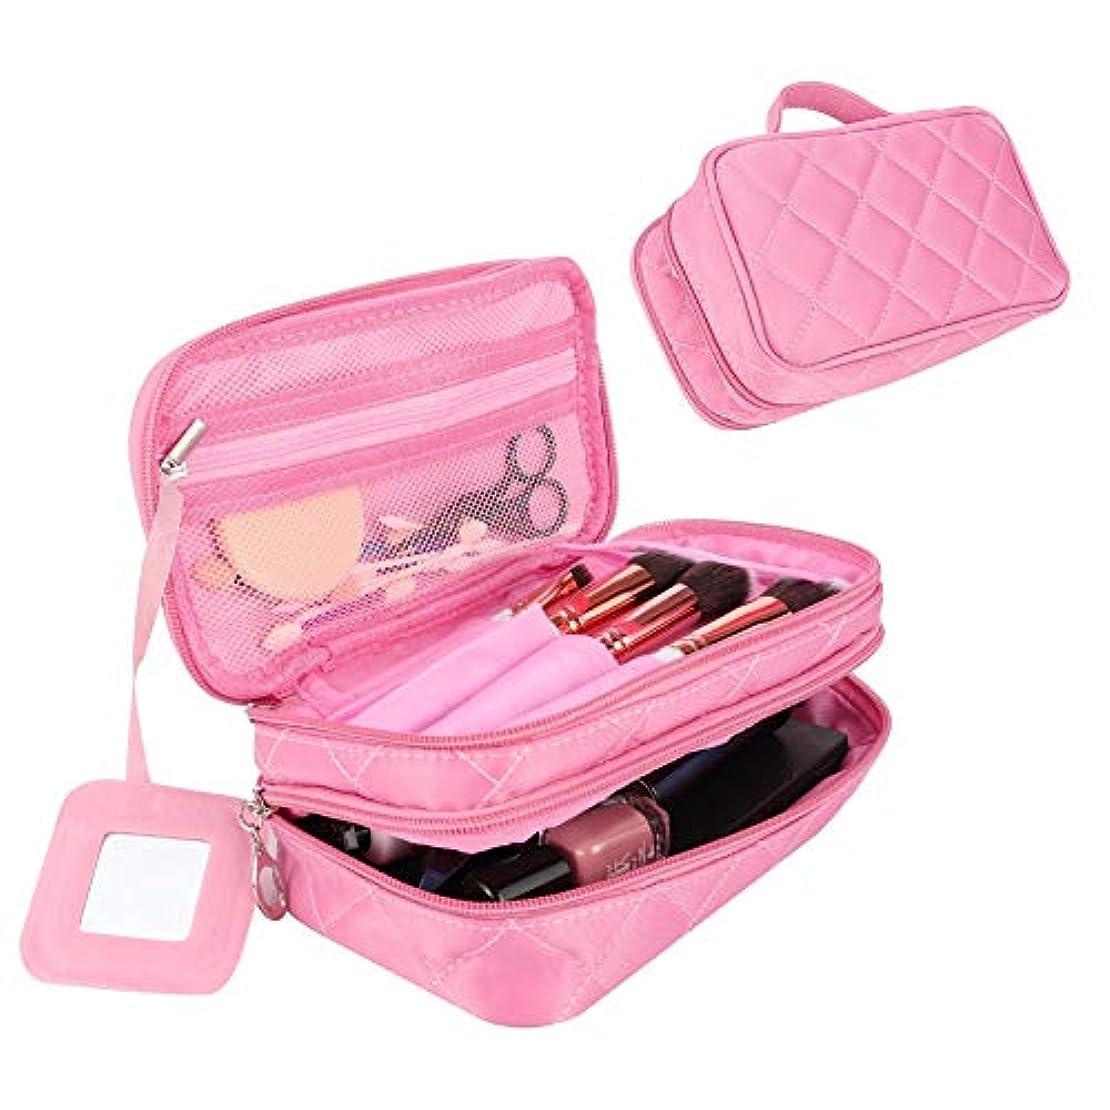 噛む外国人レガシーAumesa Rano メイクポーチ 機能的 化粧ポーチ 二層あり ブラシ入れ付き 仕切り コスメポーチ 収納 持ち運び 携帯用 防水 鏡付き (ピンク)